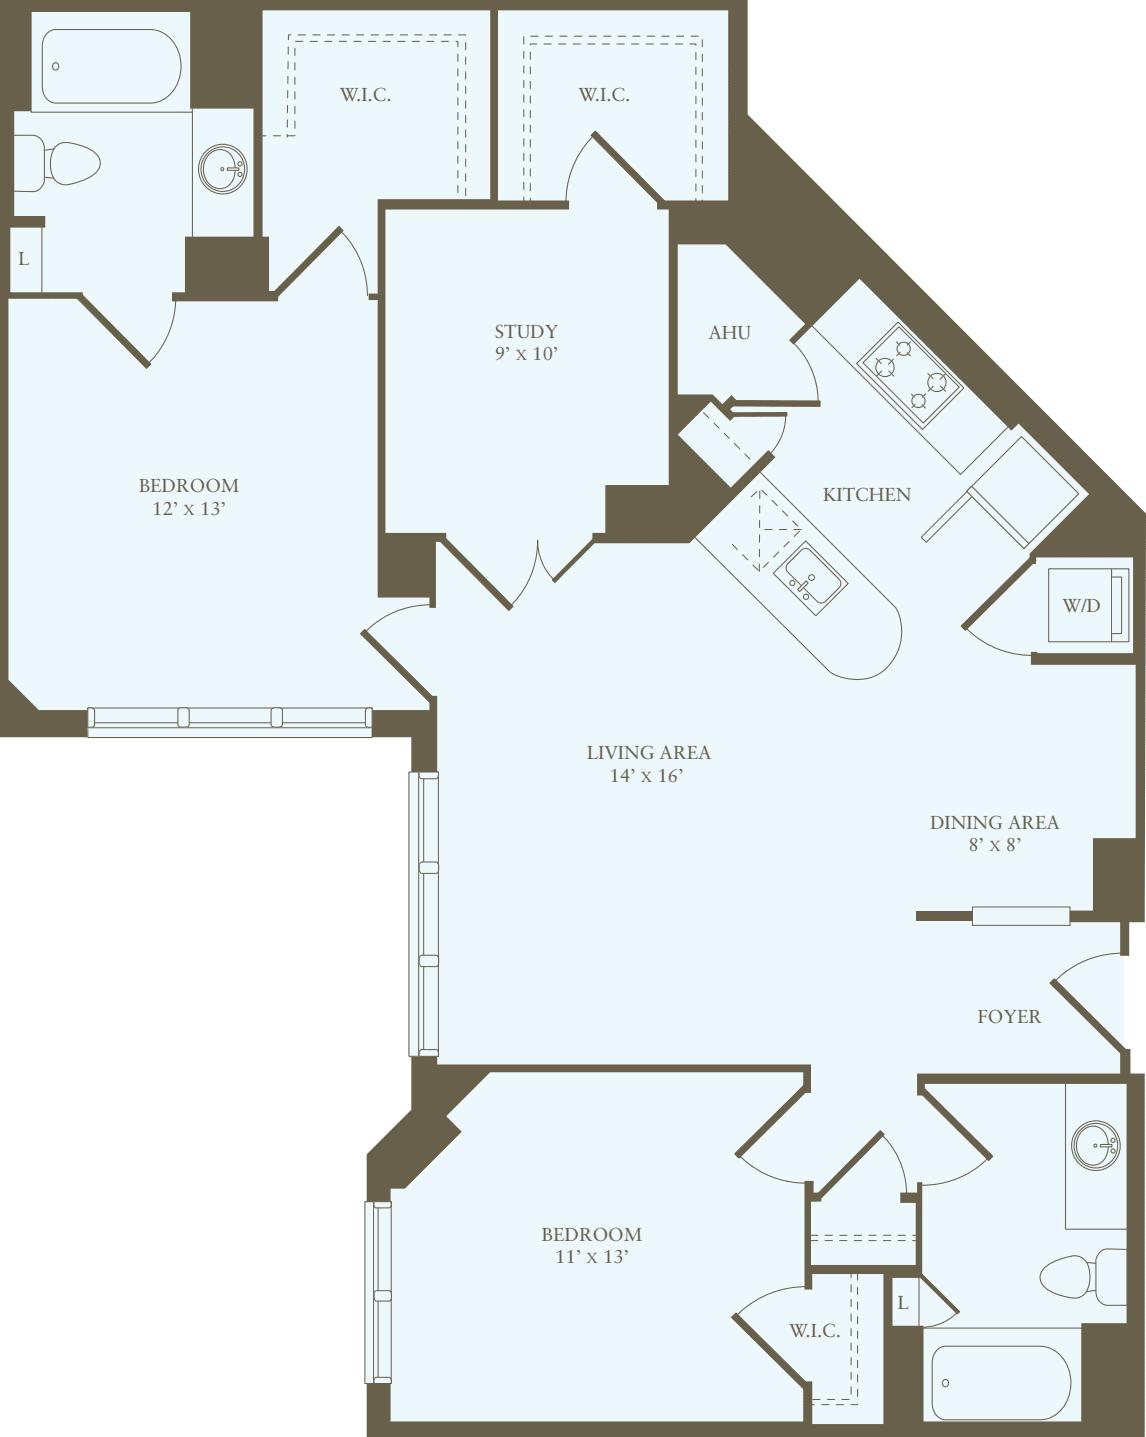 2 Bedrooms KK